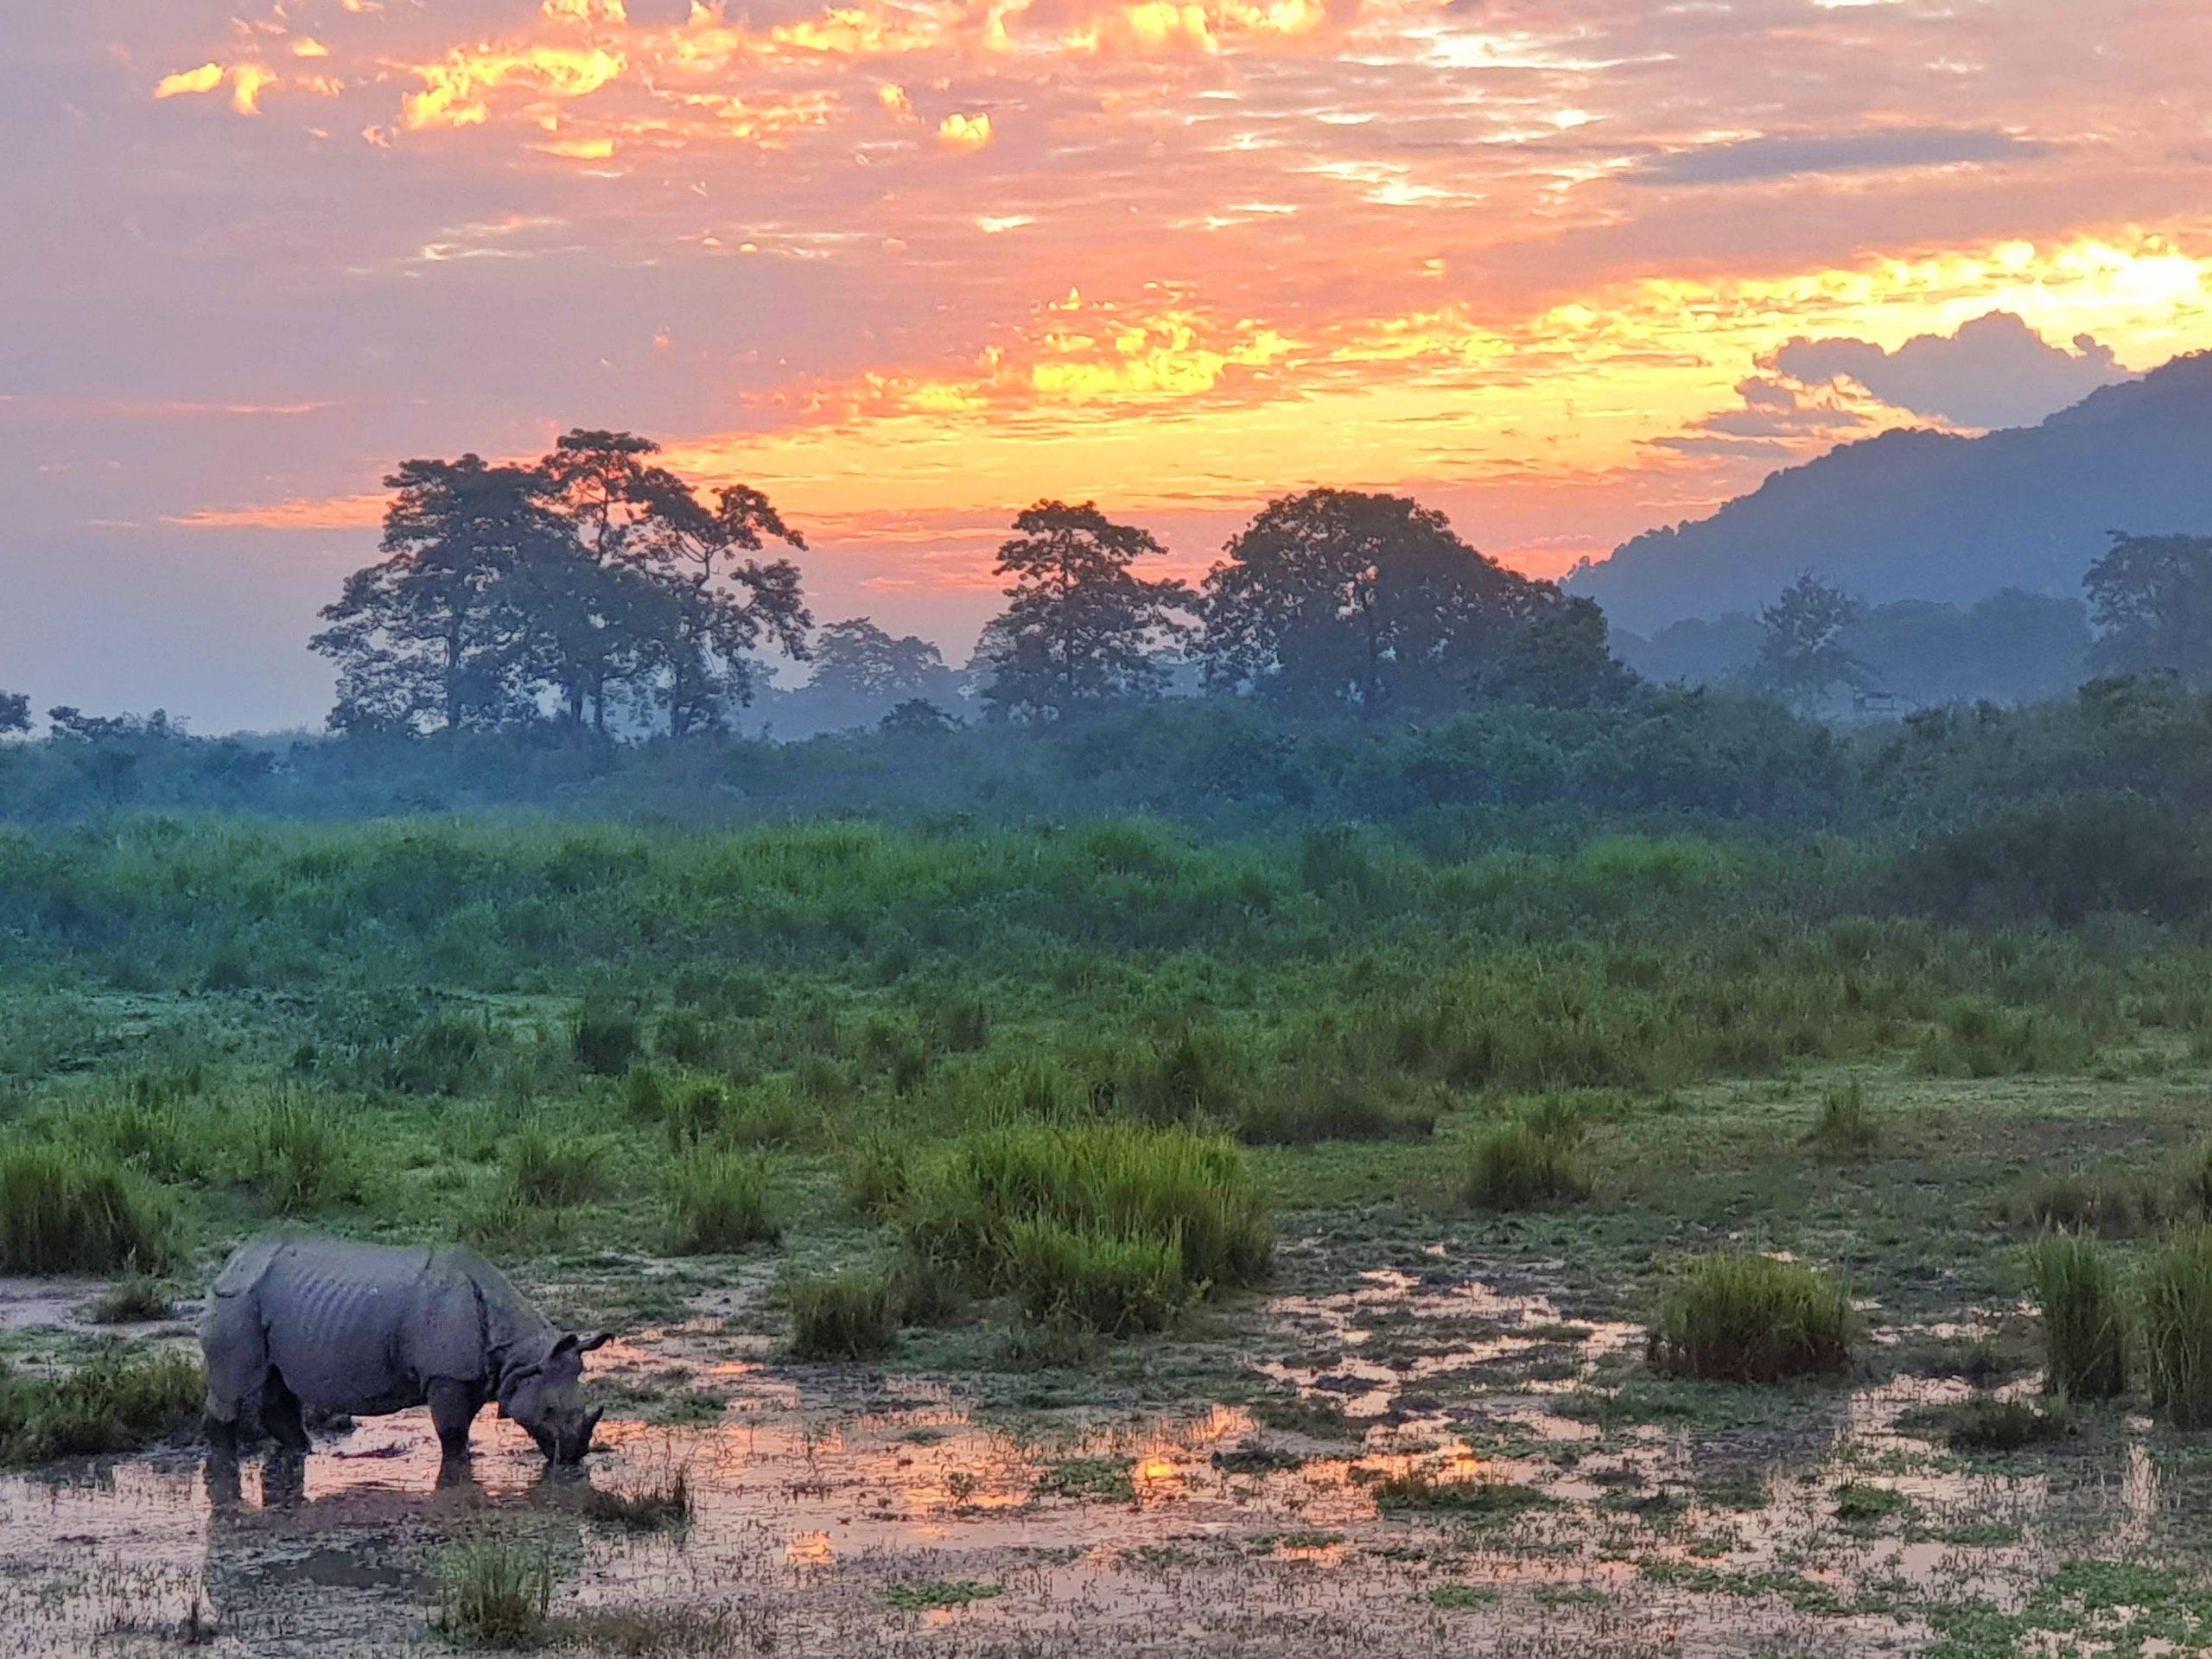 One Horned Rhino in Kaziranga national park.